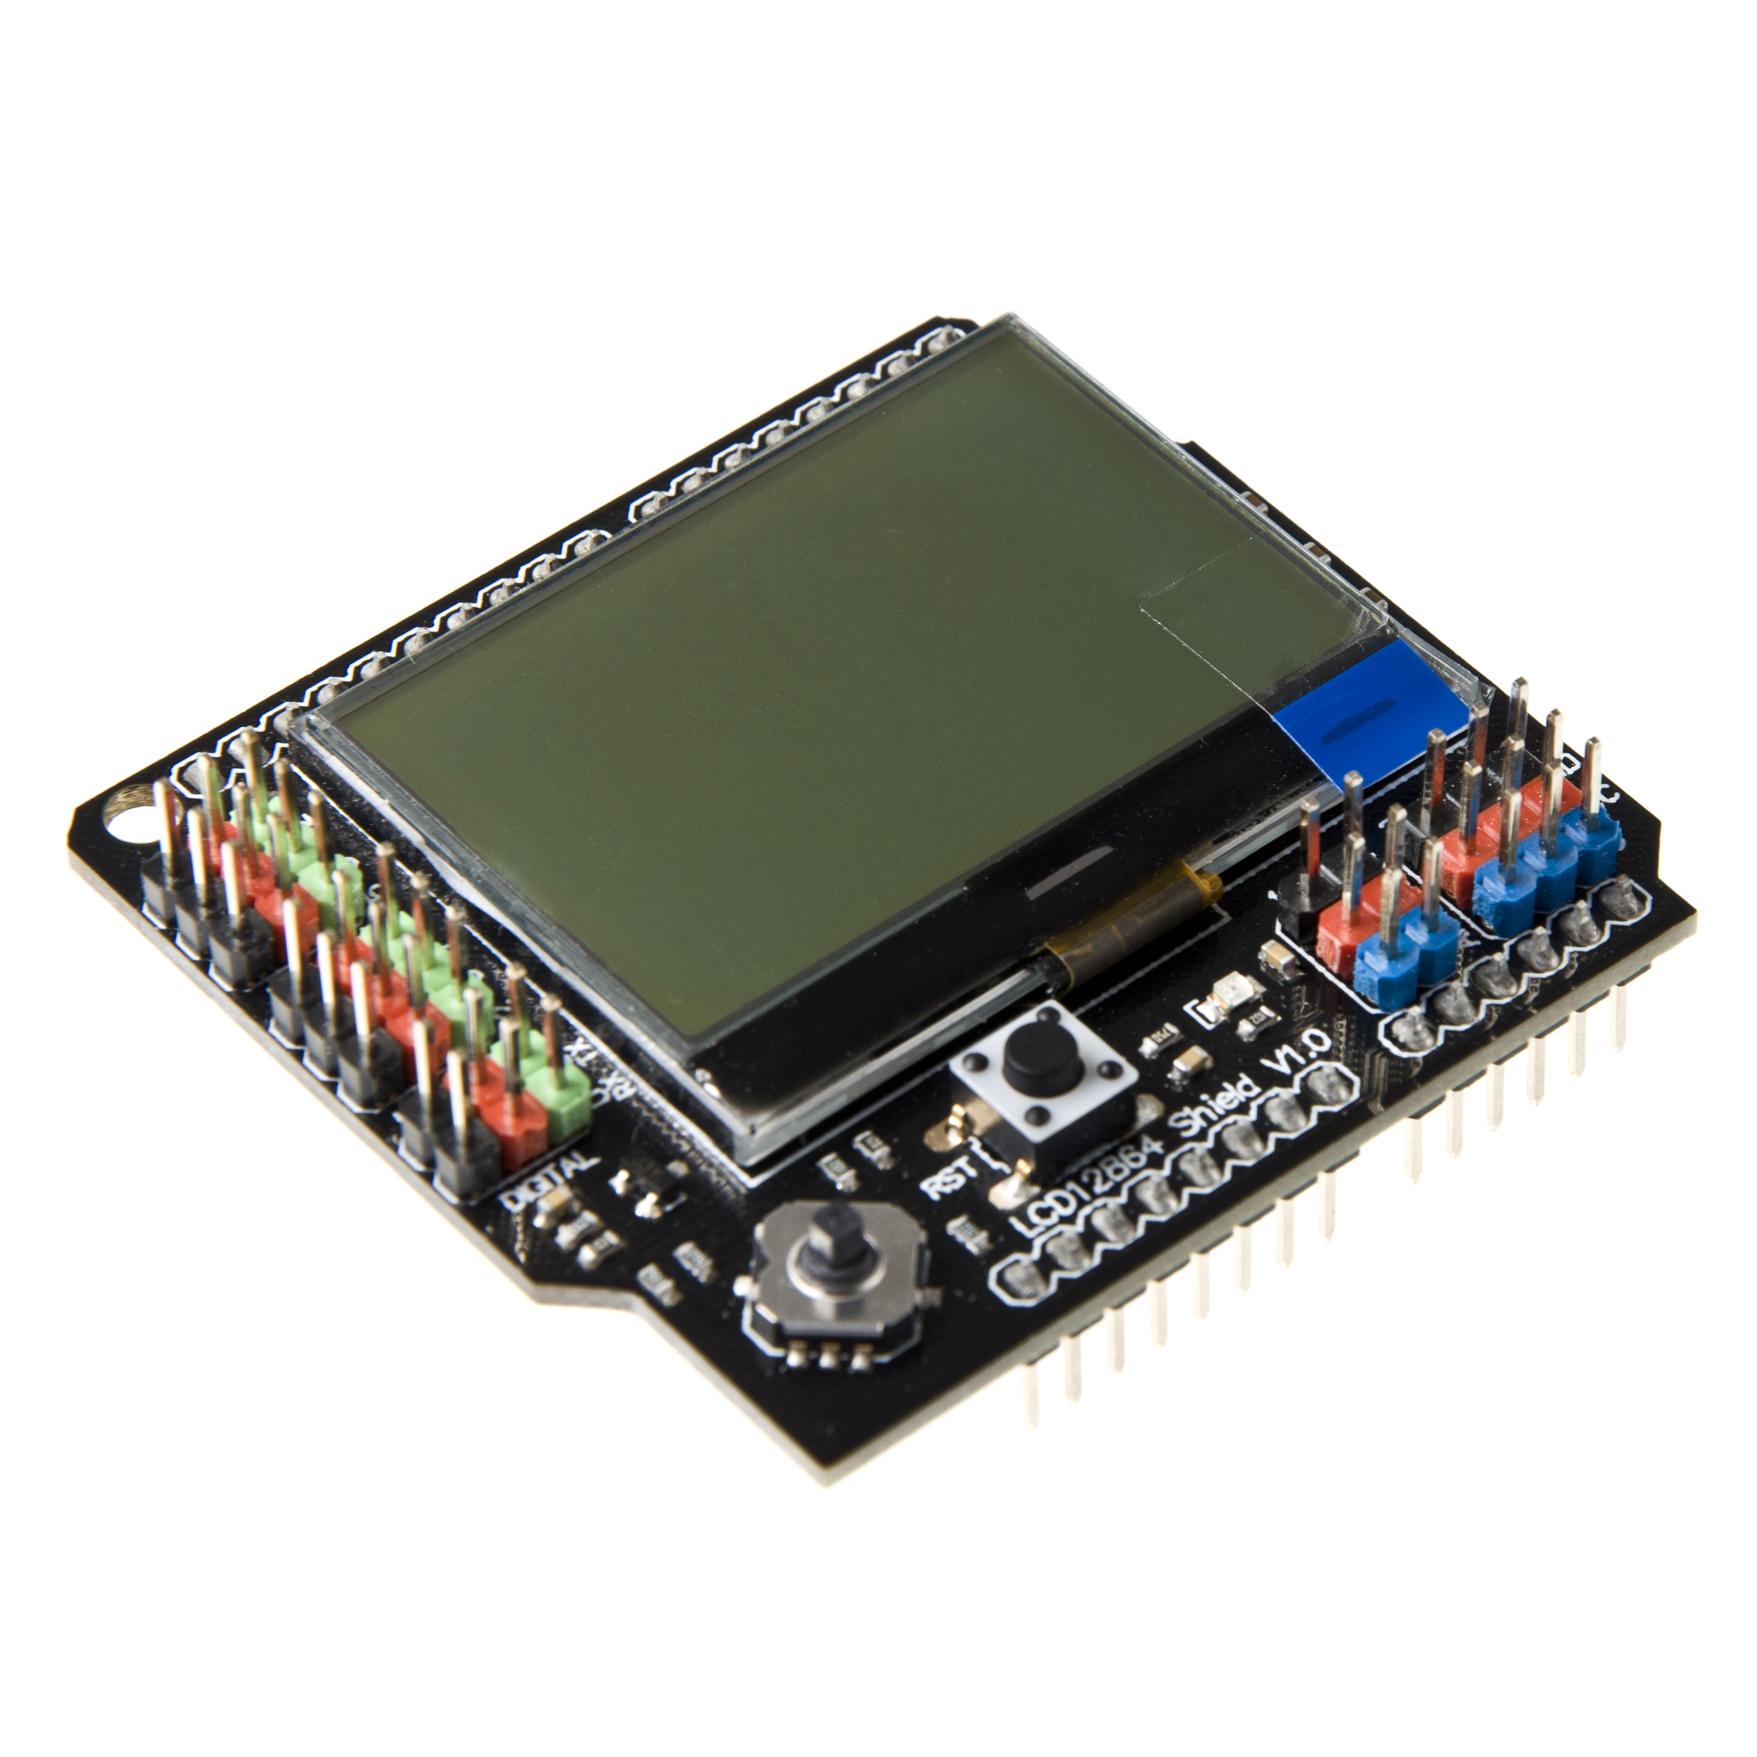 LCD12864_Shield_SKU_DFR0287-DFRobot